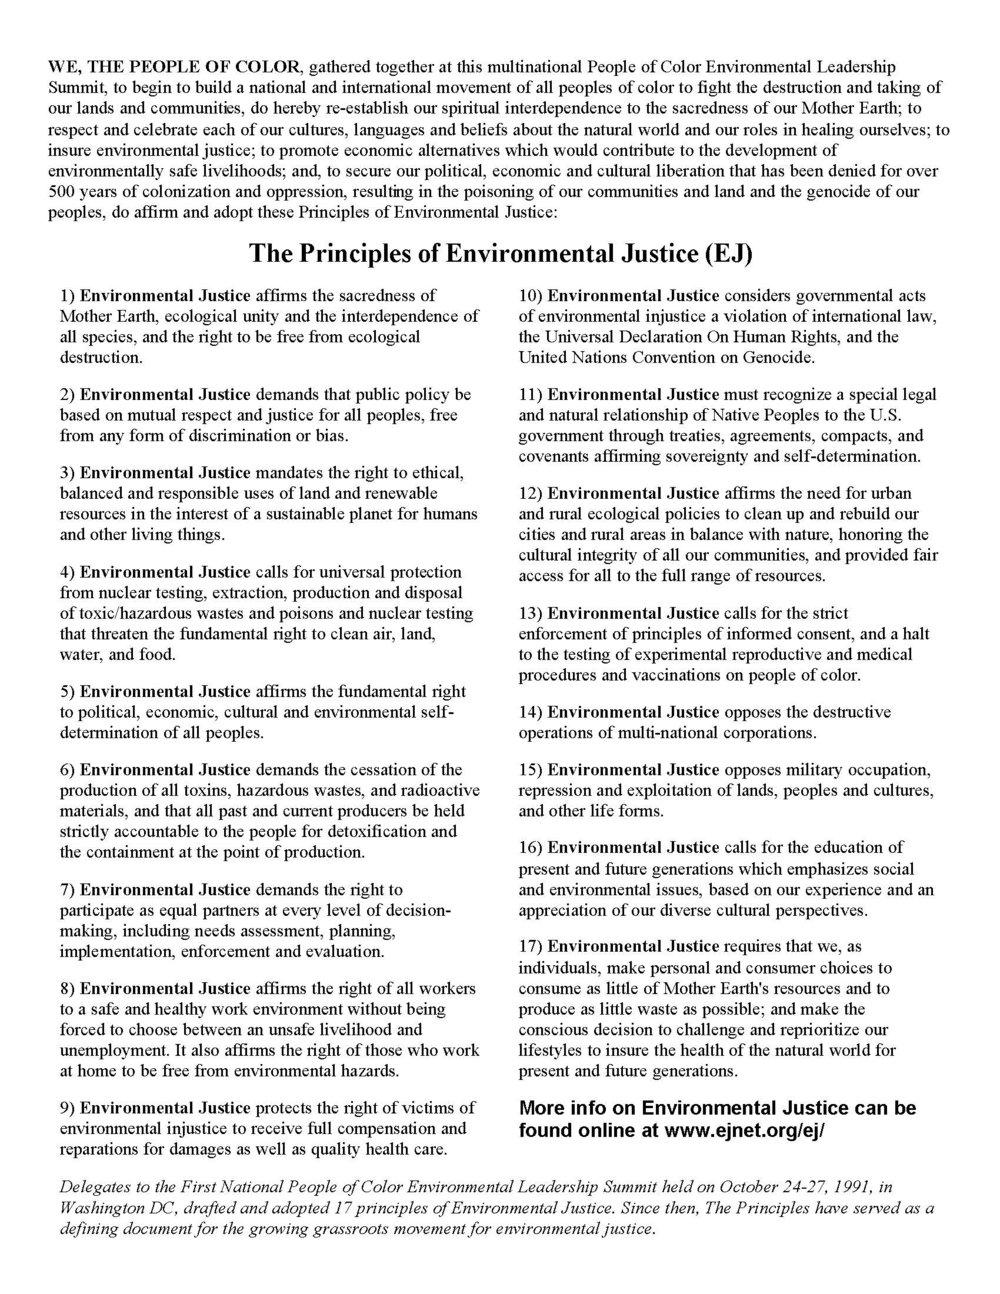 EJ_principles.jpg